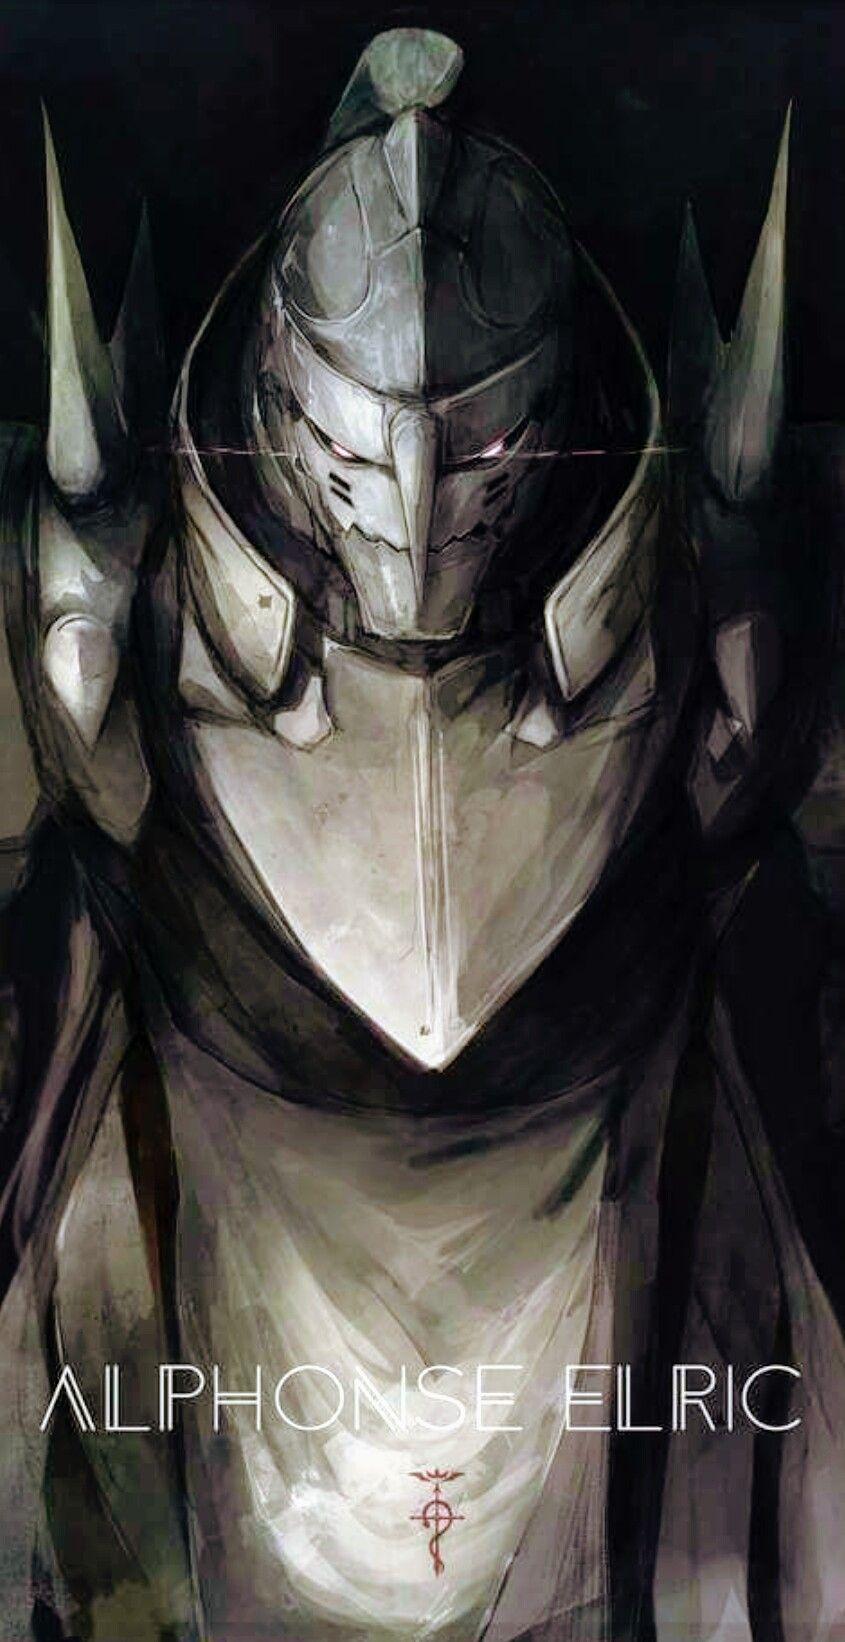 Fullmetal Alchemist アニメ, 鋼の錬金術師 fullmetal alchemist, 鋼の錬金術師